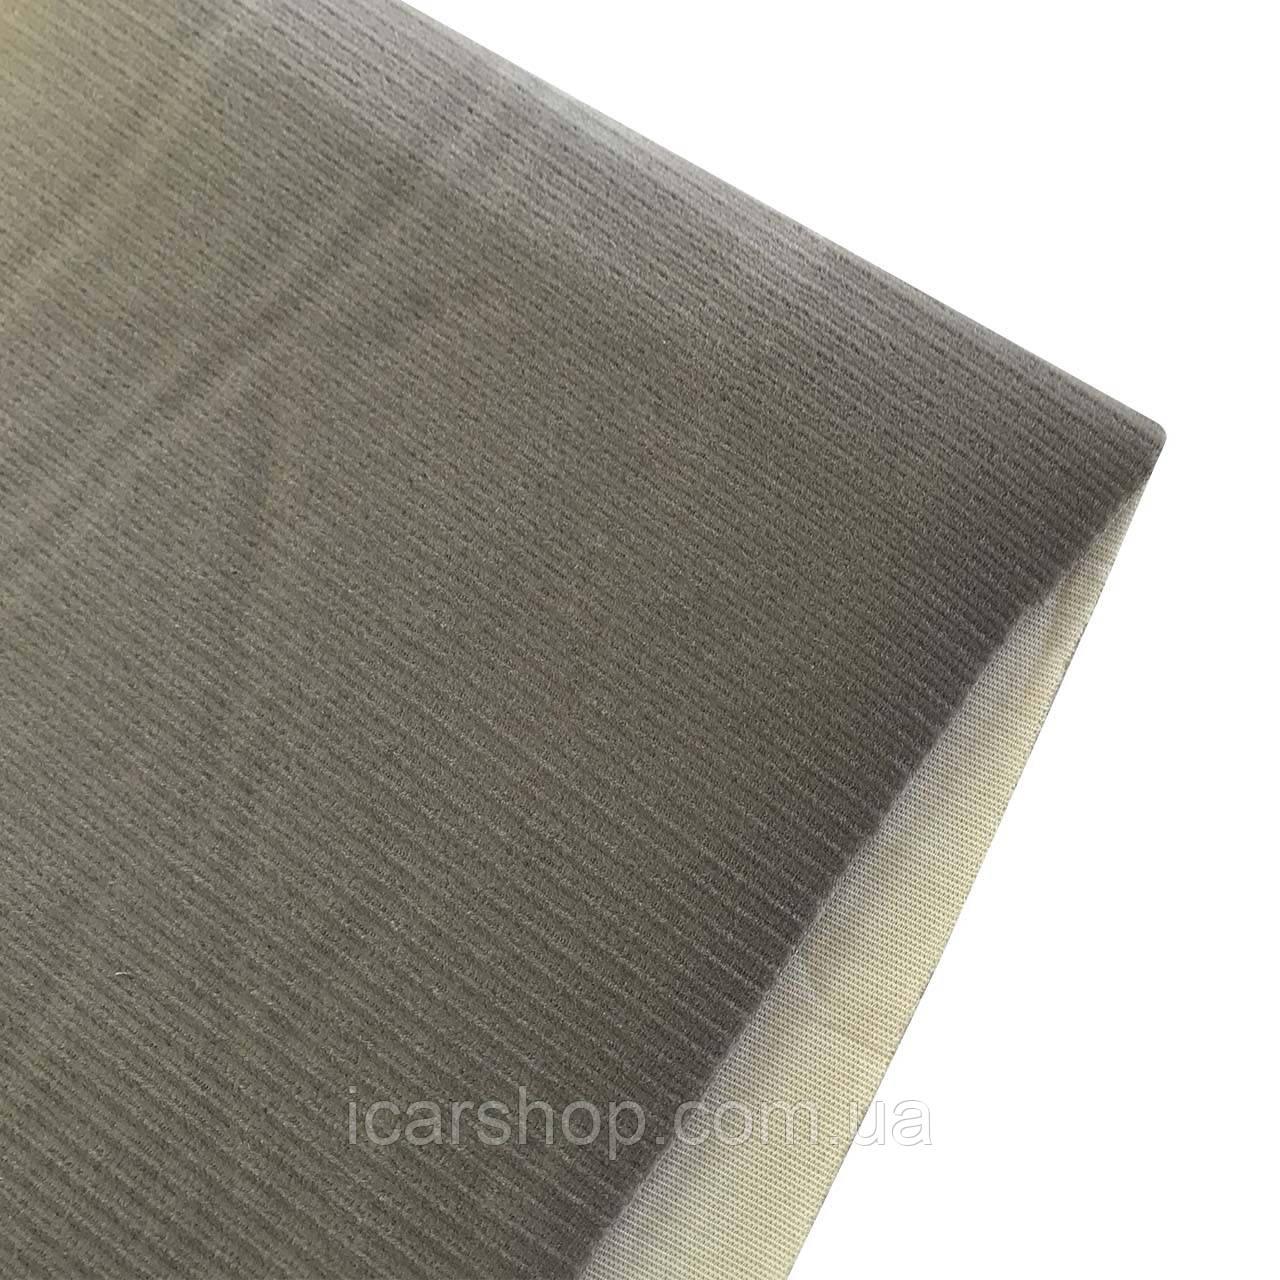 Ткань для центральной части сидения бежевая (под вельвет) на поролоне 2 мм (1.8 м)